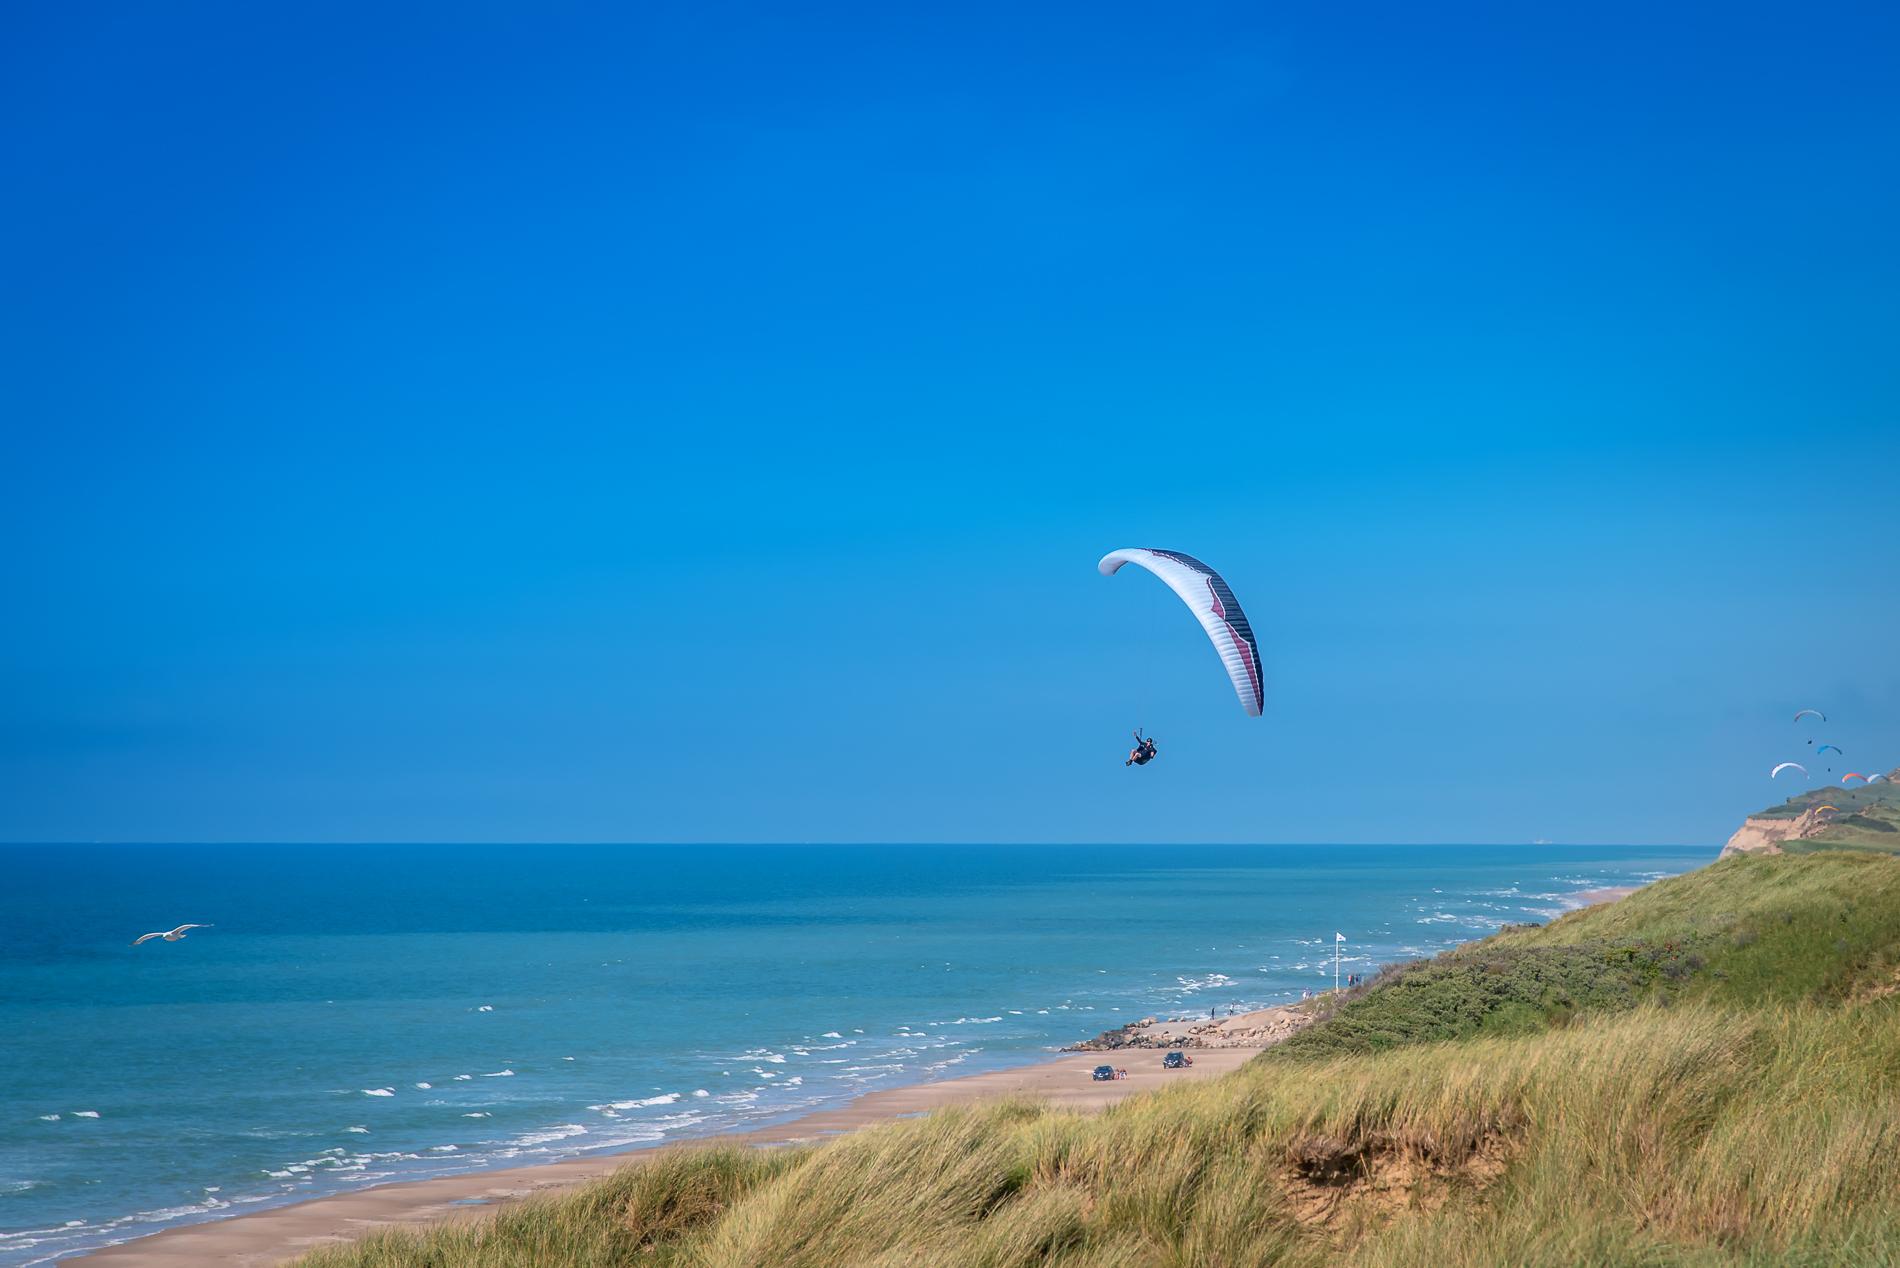 Paraglider, Løkken, Denmark